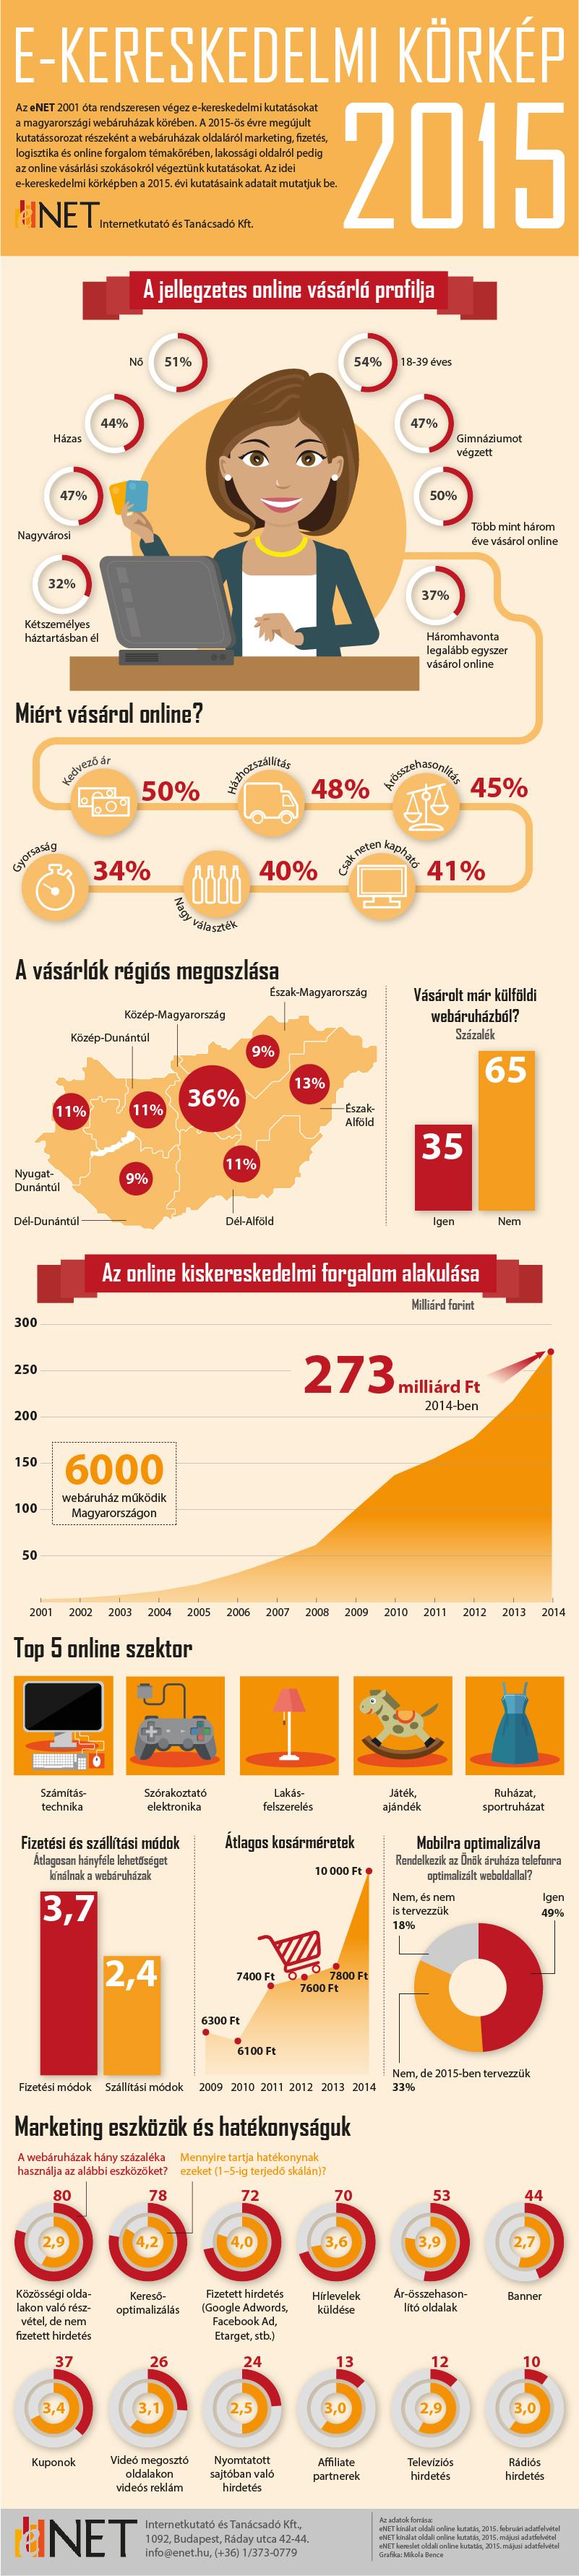 eNET_e-ker_korkep_2015_infografika